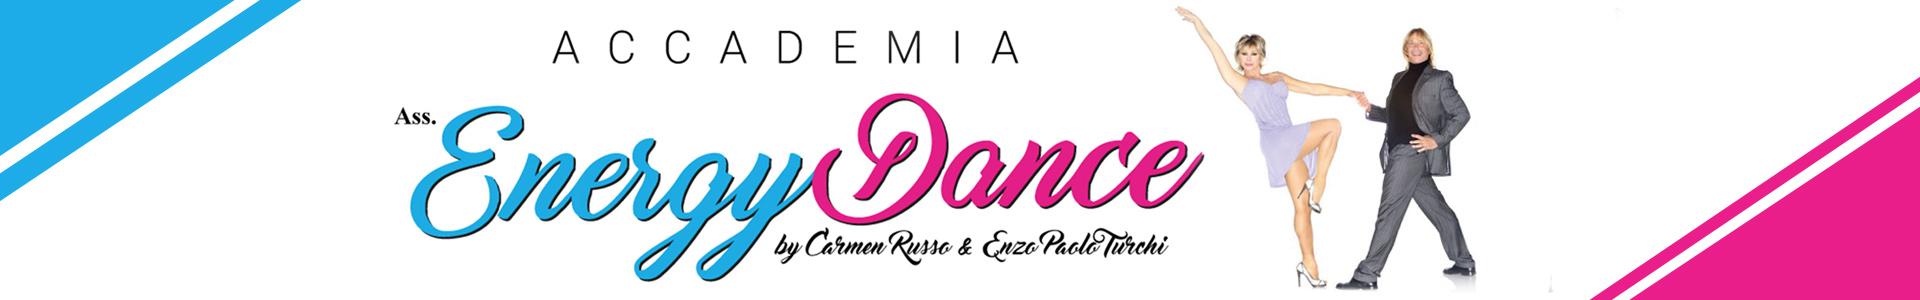 Академия классического танца и современного танца Energy